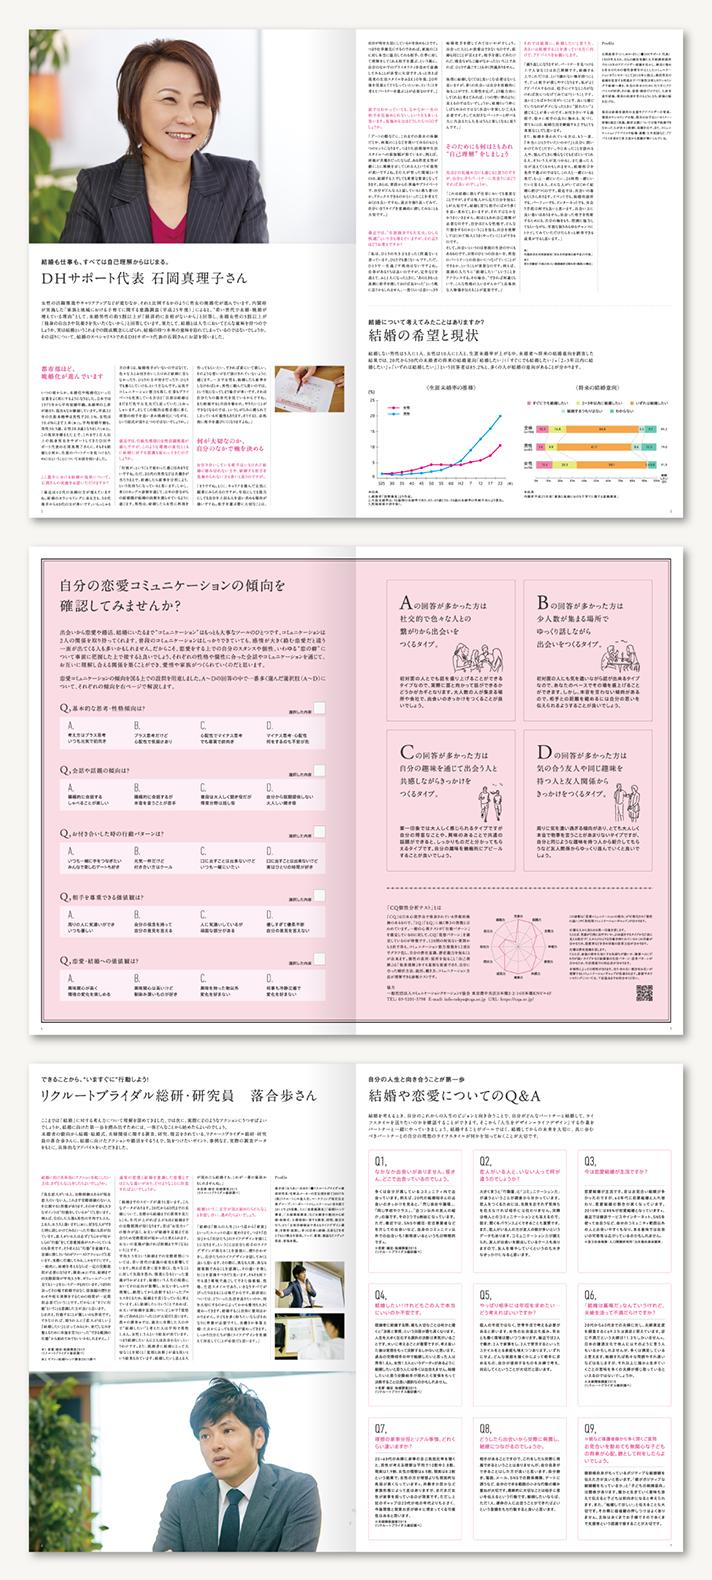 出会い・結婚応援情報誌 BRIDAL タブロイドデザイン